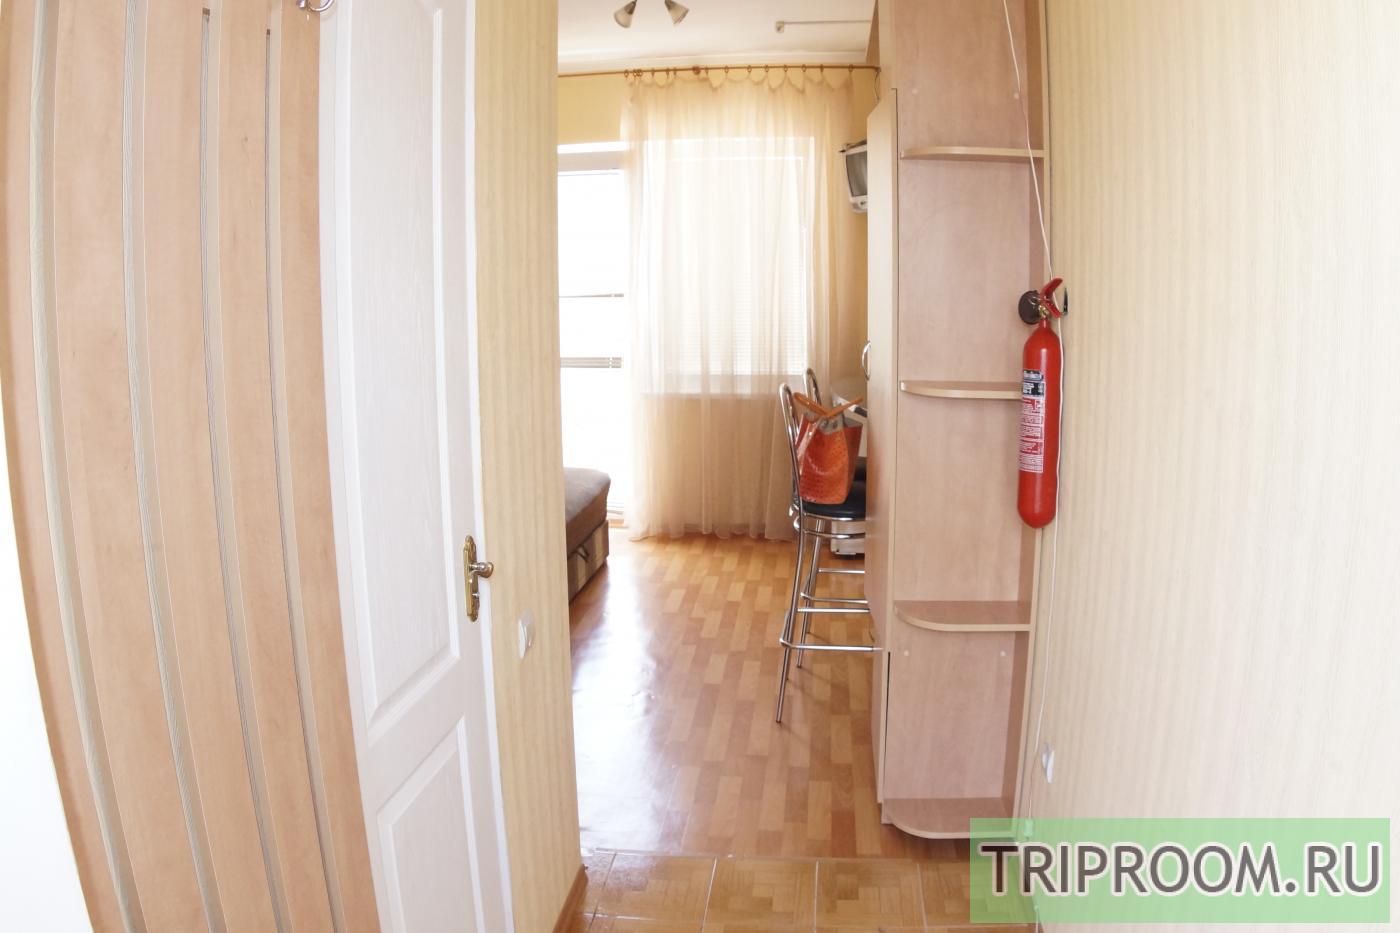 1-комнатная квартира посуточно (вариант № 8882), ул. Южногородская набережная, фото № 9